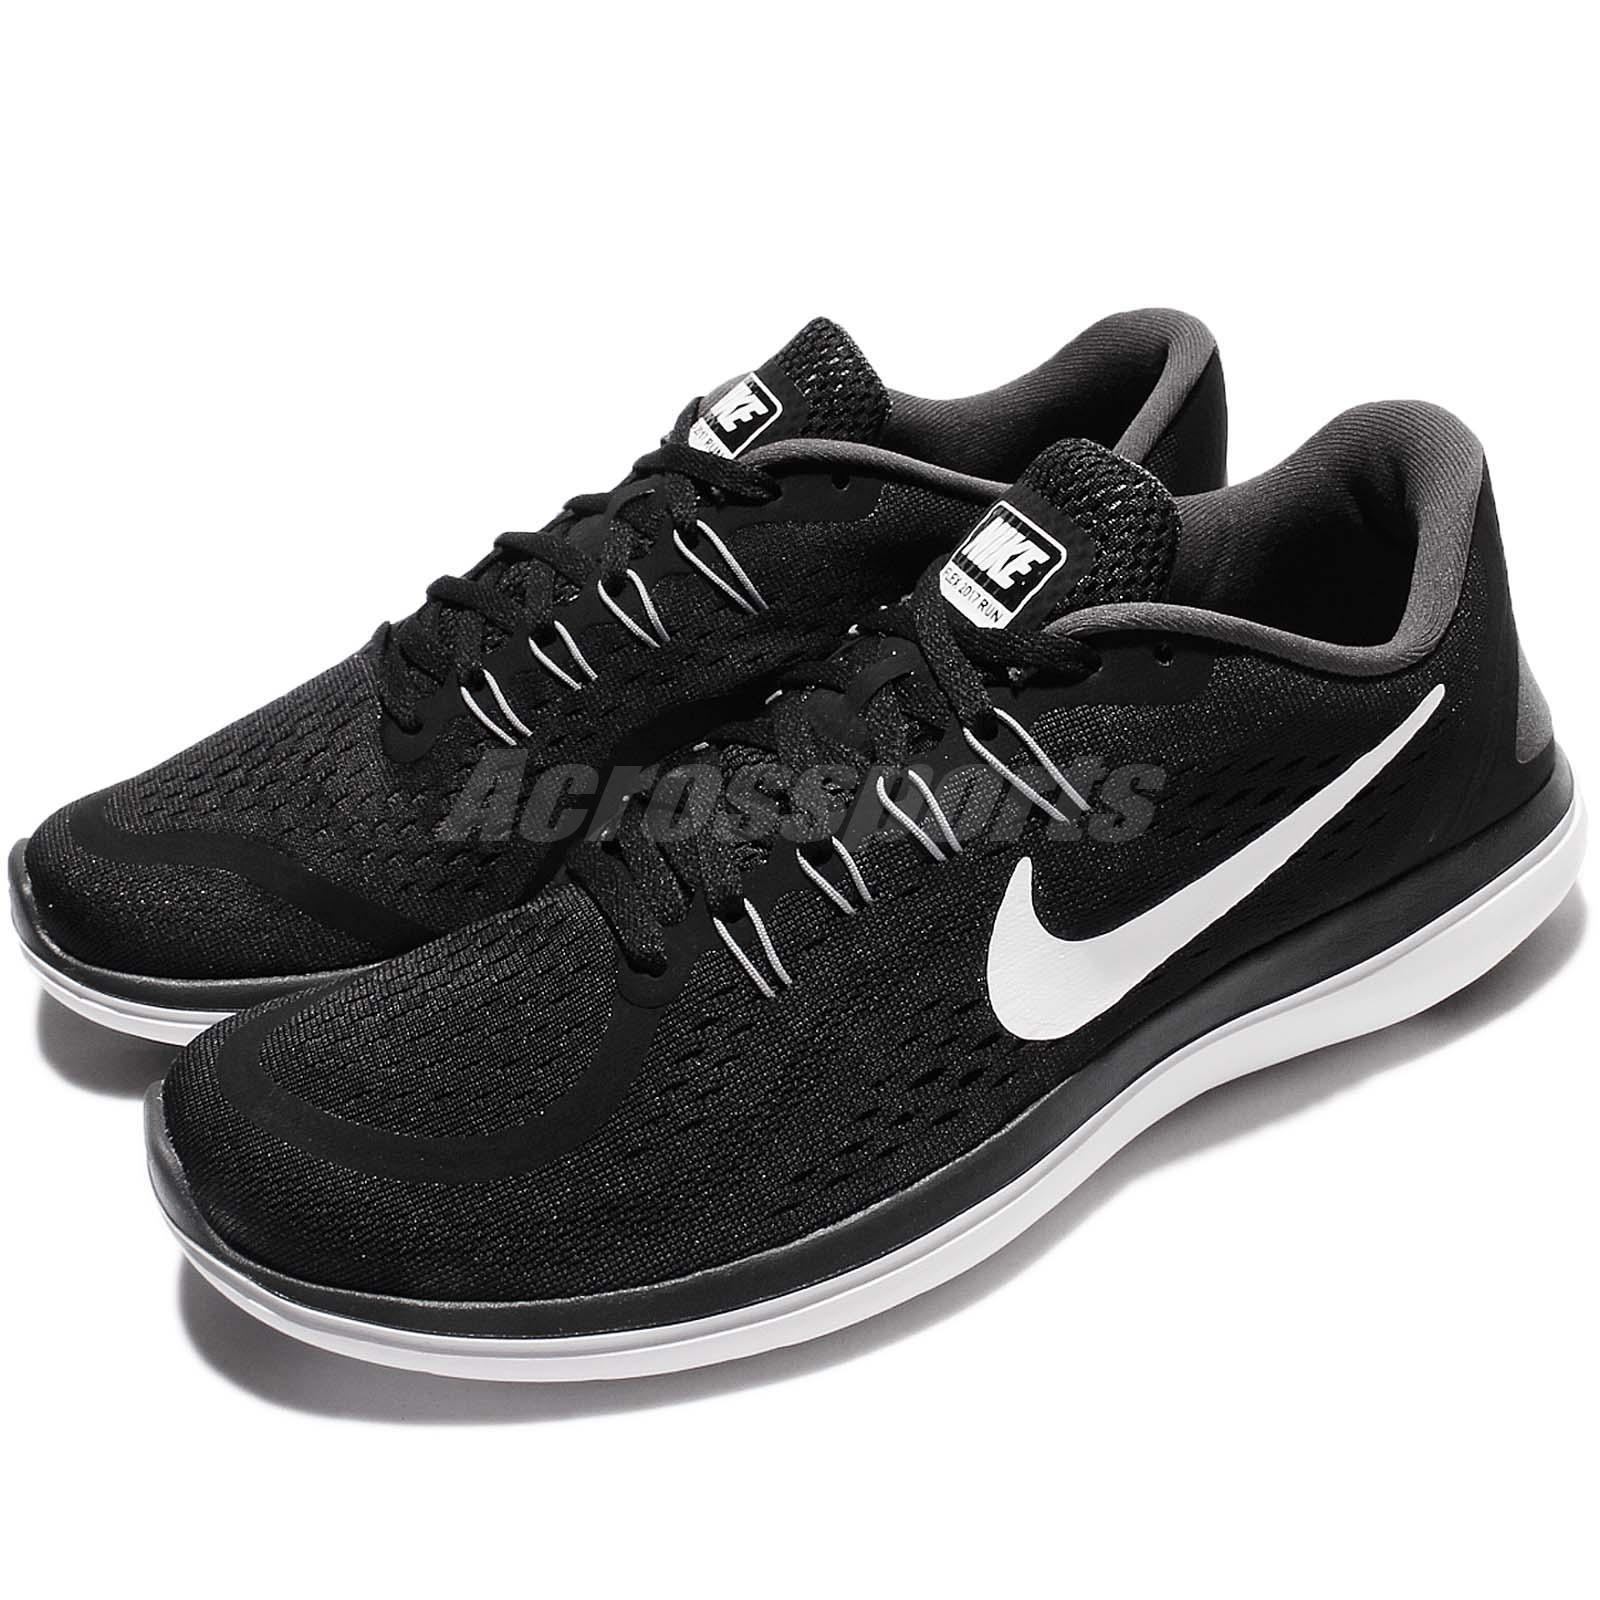 Black Nike Shoes Amazon